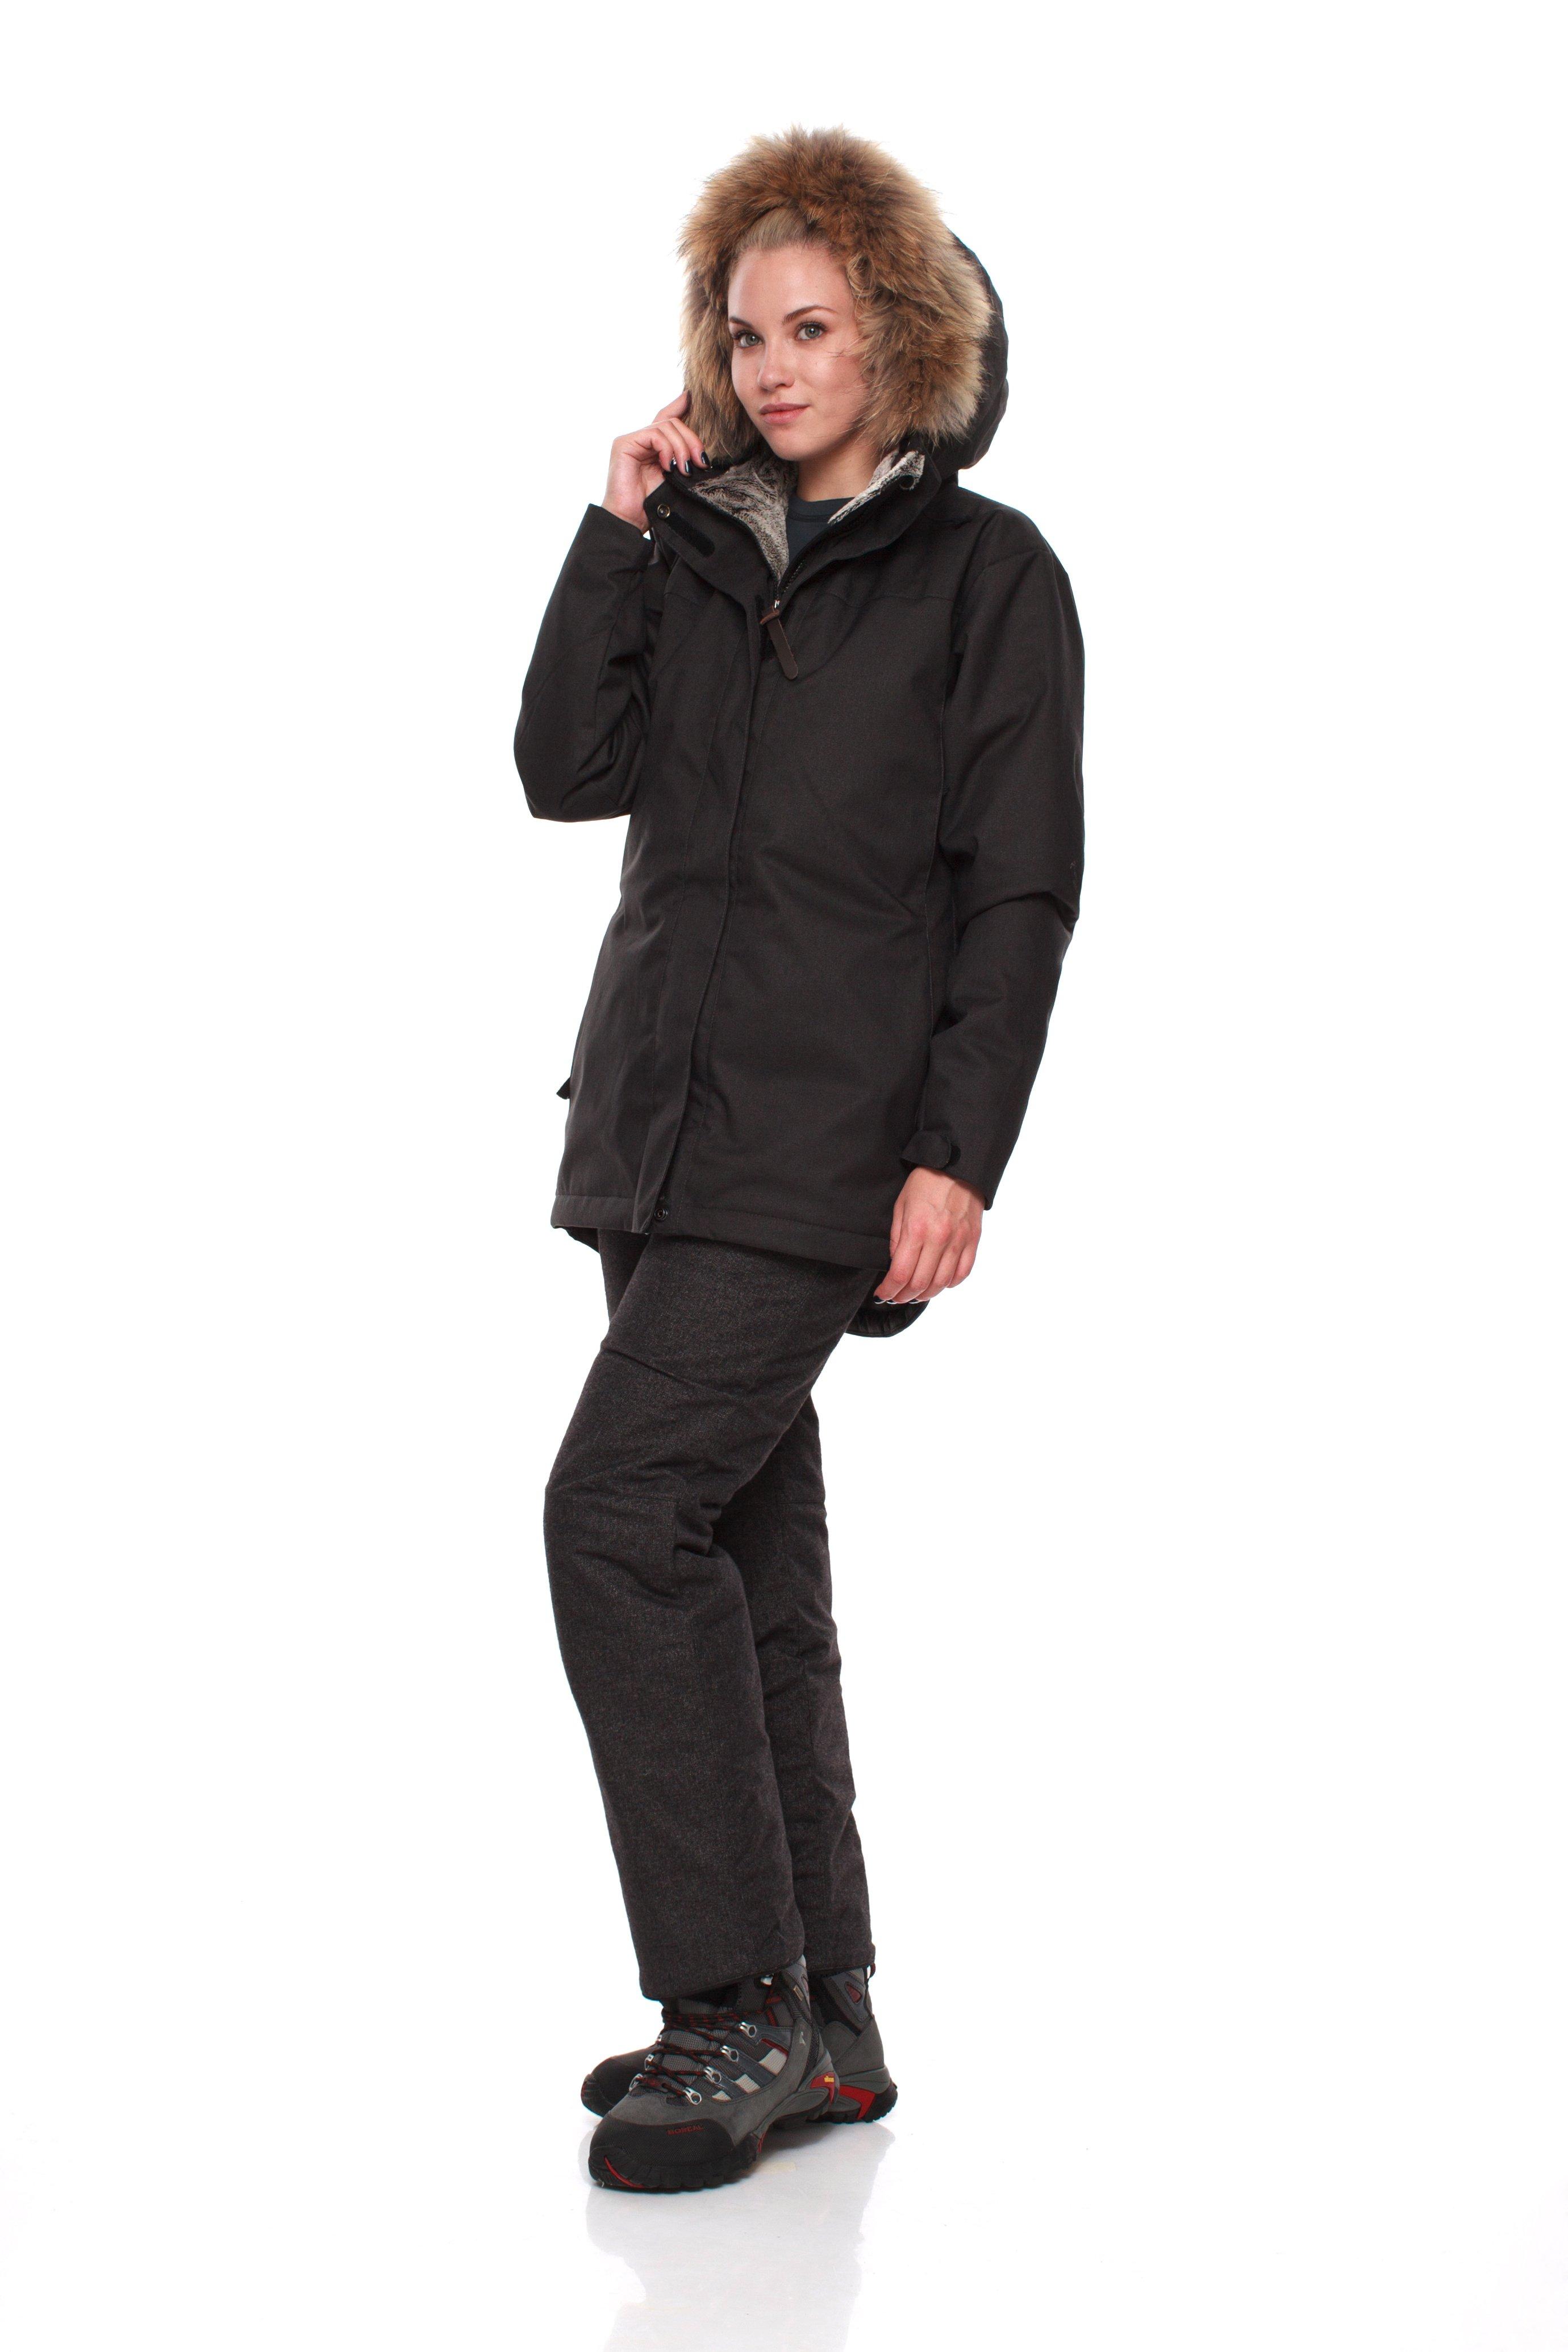 Куртка BASK AGIDEL 8203Тёплая зимняя женская куртка в стиле &amp;laquo;аляска&amp;raquo; подойдет для использования в городе и за его пределами.<br><br>Верхняя ткань: Advance® Alaska Soft Melange<br>Вес граммы: 1240<br>Ветро-влагозащитные свойства верхней ткани: Да<br>Ветрозащитная планка: Да<br>Ветрозащитная юбка: Нет<br>Влагозащитные молнии: Нет<br>Внутренние манжеты: Нет<br>Внутренняя ткань: Advance® Classic<br>Дублирующий центральную молнию клапан: Да<br>Защитный козырёк капюшона: Нет<br>Капюшон: несъемный<br>Карман для средств связи: Нет<br>Количество внешних карманов: 4<br>Количество внутренних карманов: 2<br>Мембрана: да<br>Объемный крой локтевой зоны: Нет<br>Отстёгивающиеся рукава: Нет<br>Пол: Жен.<br>Проклейка швов: Нет<br>Регулировка манжетов рукавов: Да<br>Регулировка низа: Да<br>Регулировка объёма капюшона: Да<br>Регулировка талии: Нет<br>Регулируемые вентиляционные отверстия: Нет<br>Световозвращающая лента: Нет<br>Температурный режим: -15<br>Технология Thermal Welding: Нет<br>Тип молнии: двухзамковая<br>Тип утеплителя: синтетический<br>Усиление контактных зон: Нет<br>Утеплитель: Shelter® Sport<br>Размер INT: XS<br>Цвет: КОРИЧНЕВЫЙ